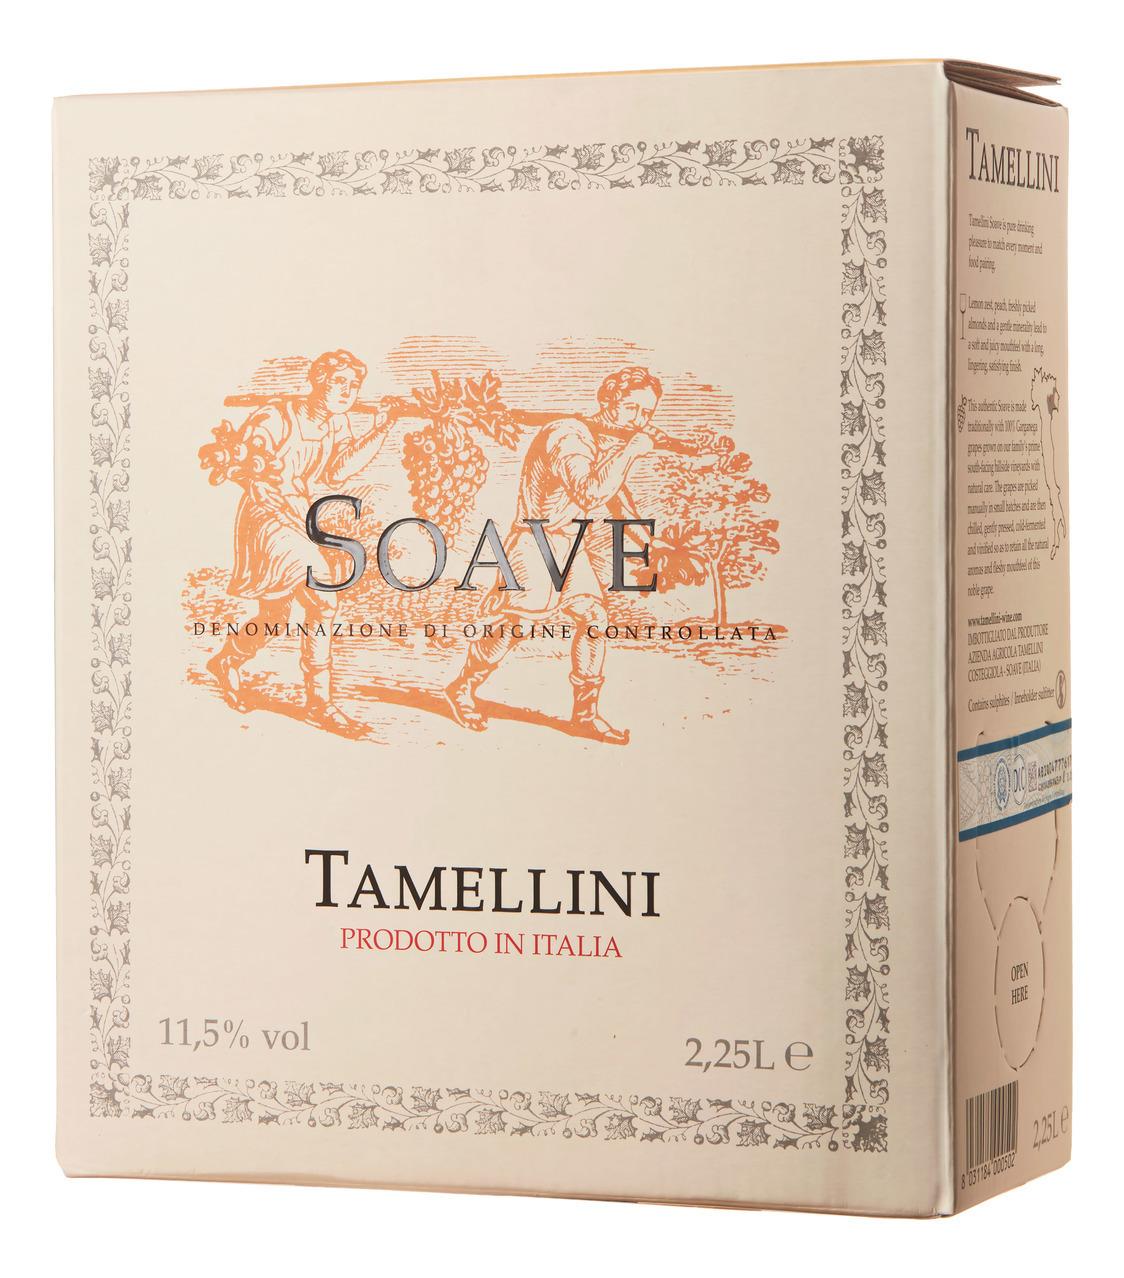 Tamellini Soave